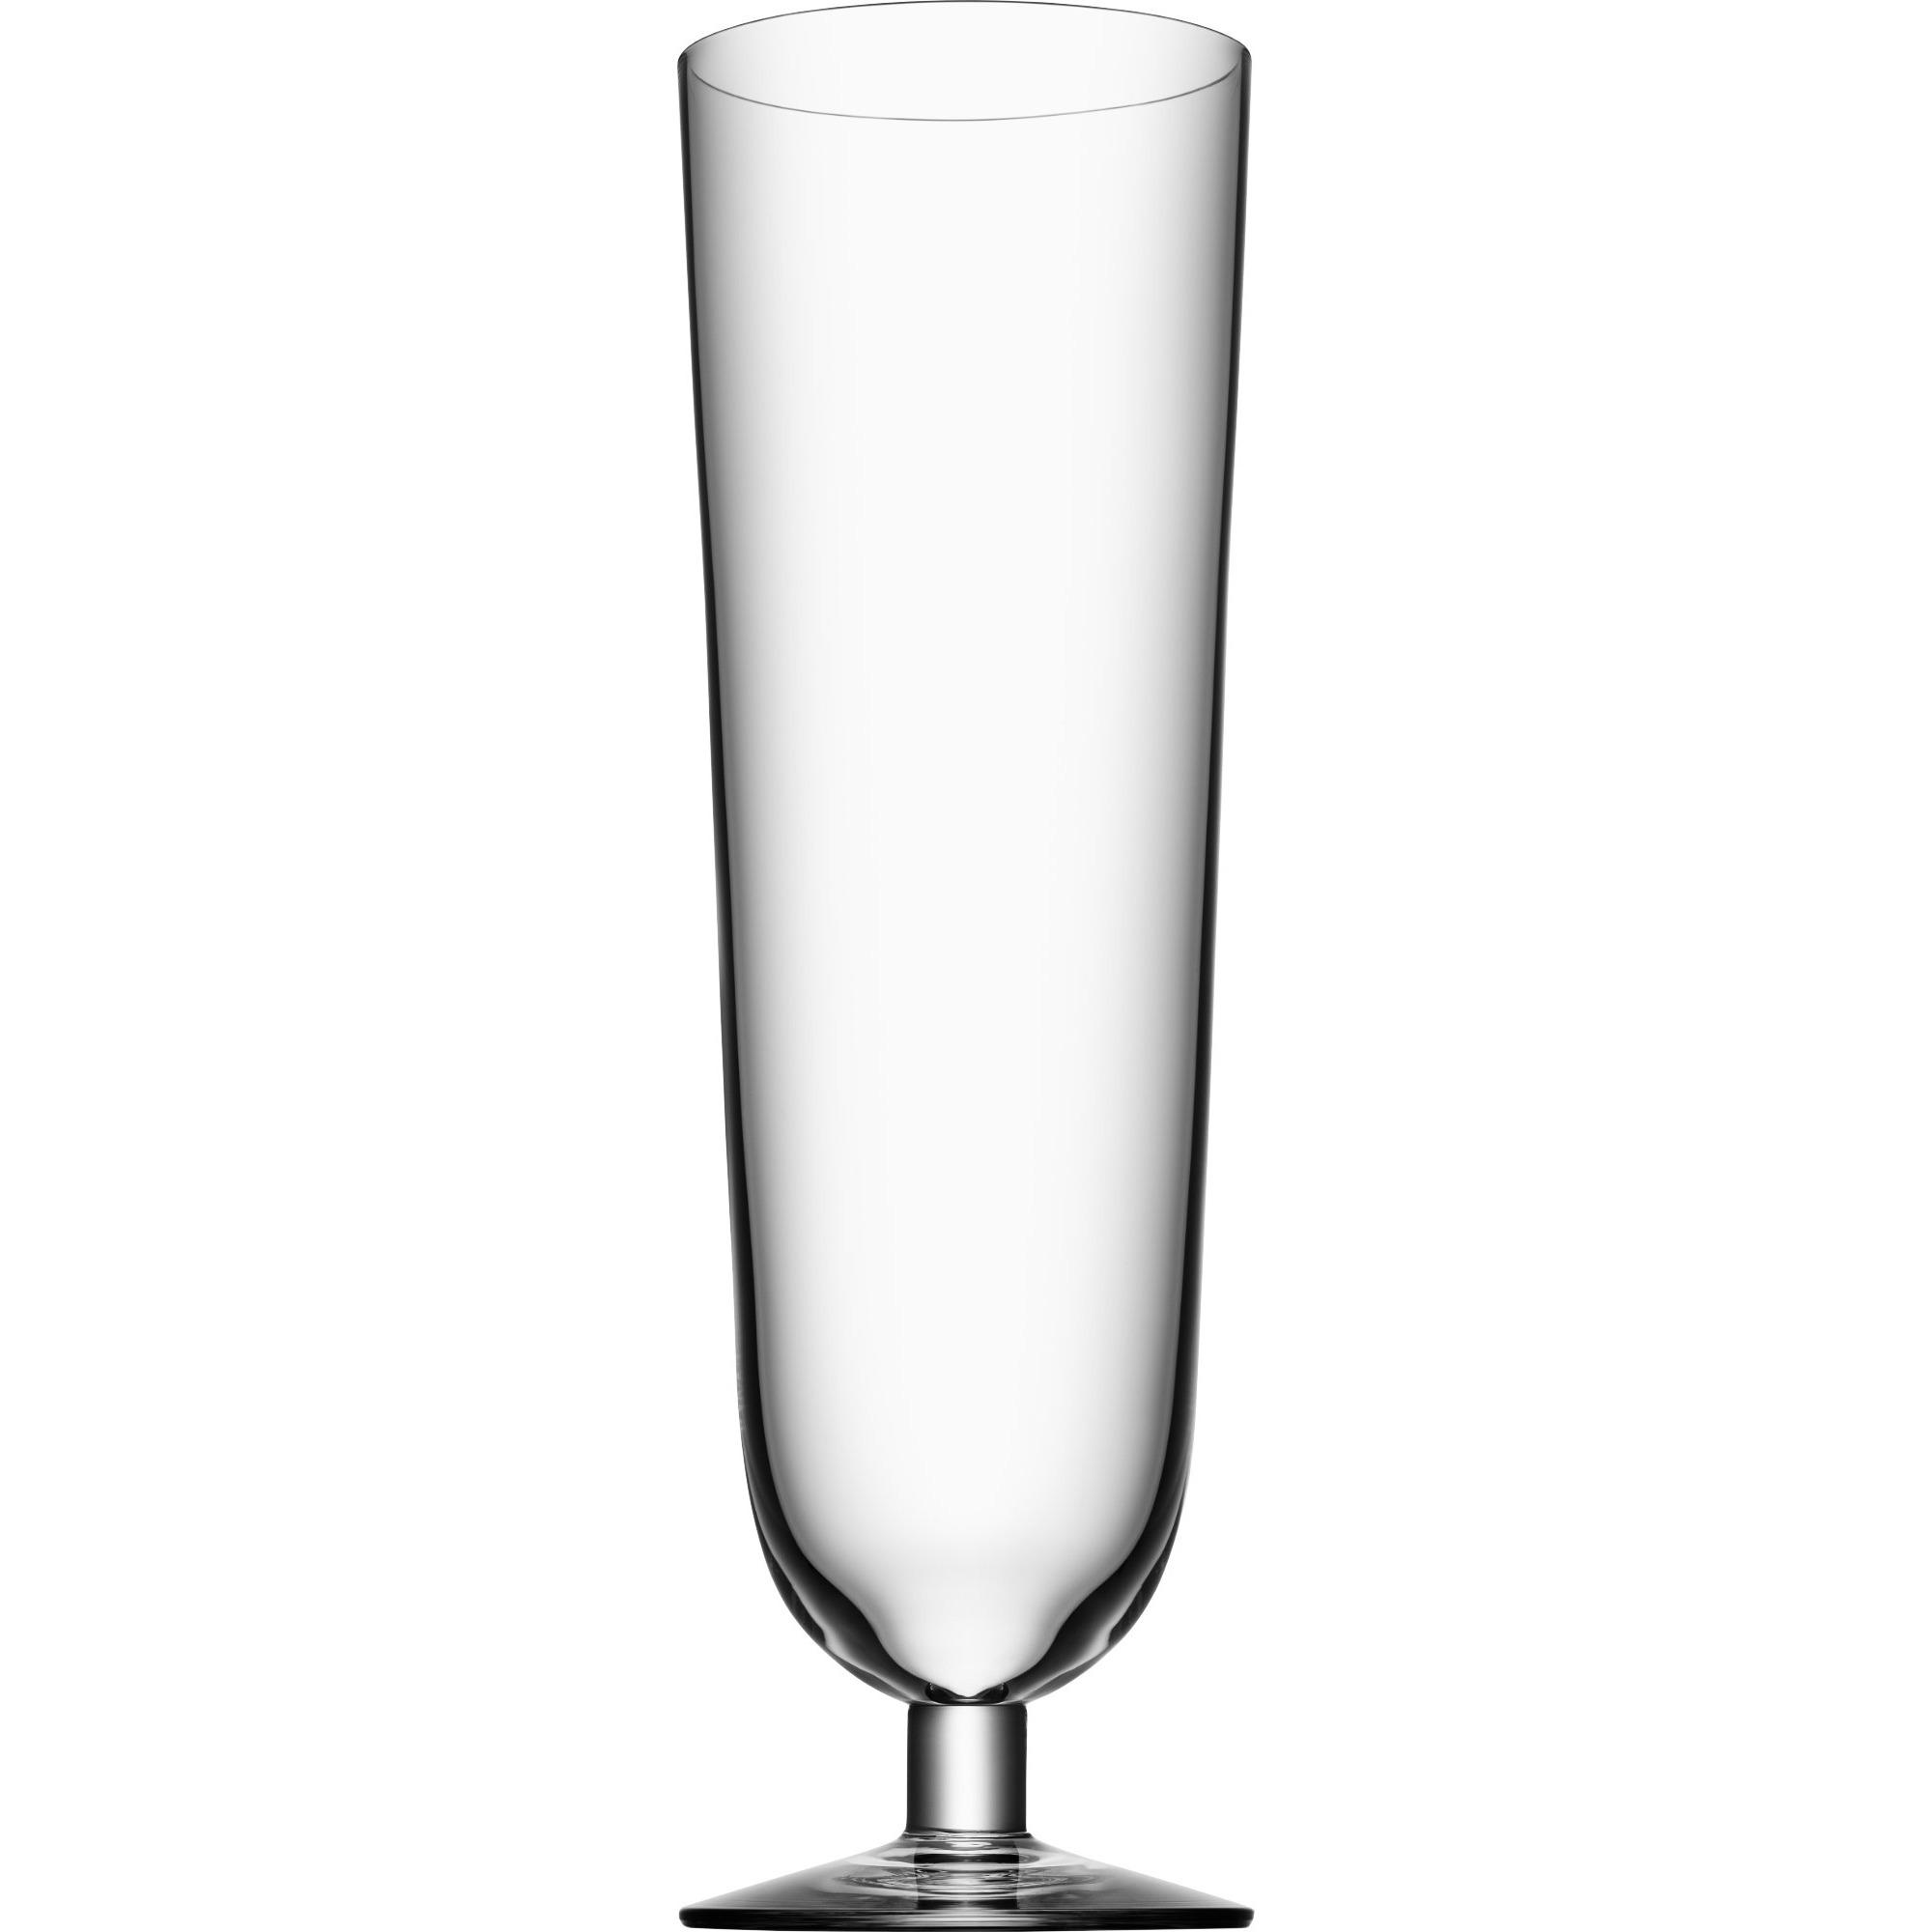 Orrefors Beer Ölglas Pilsner 45 cl 4 Pack